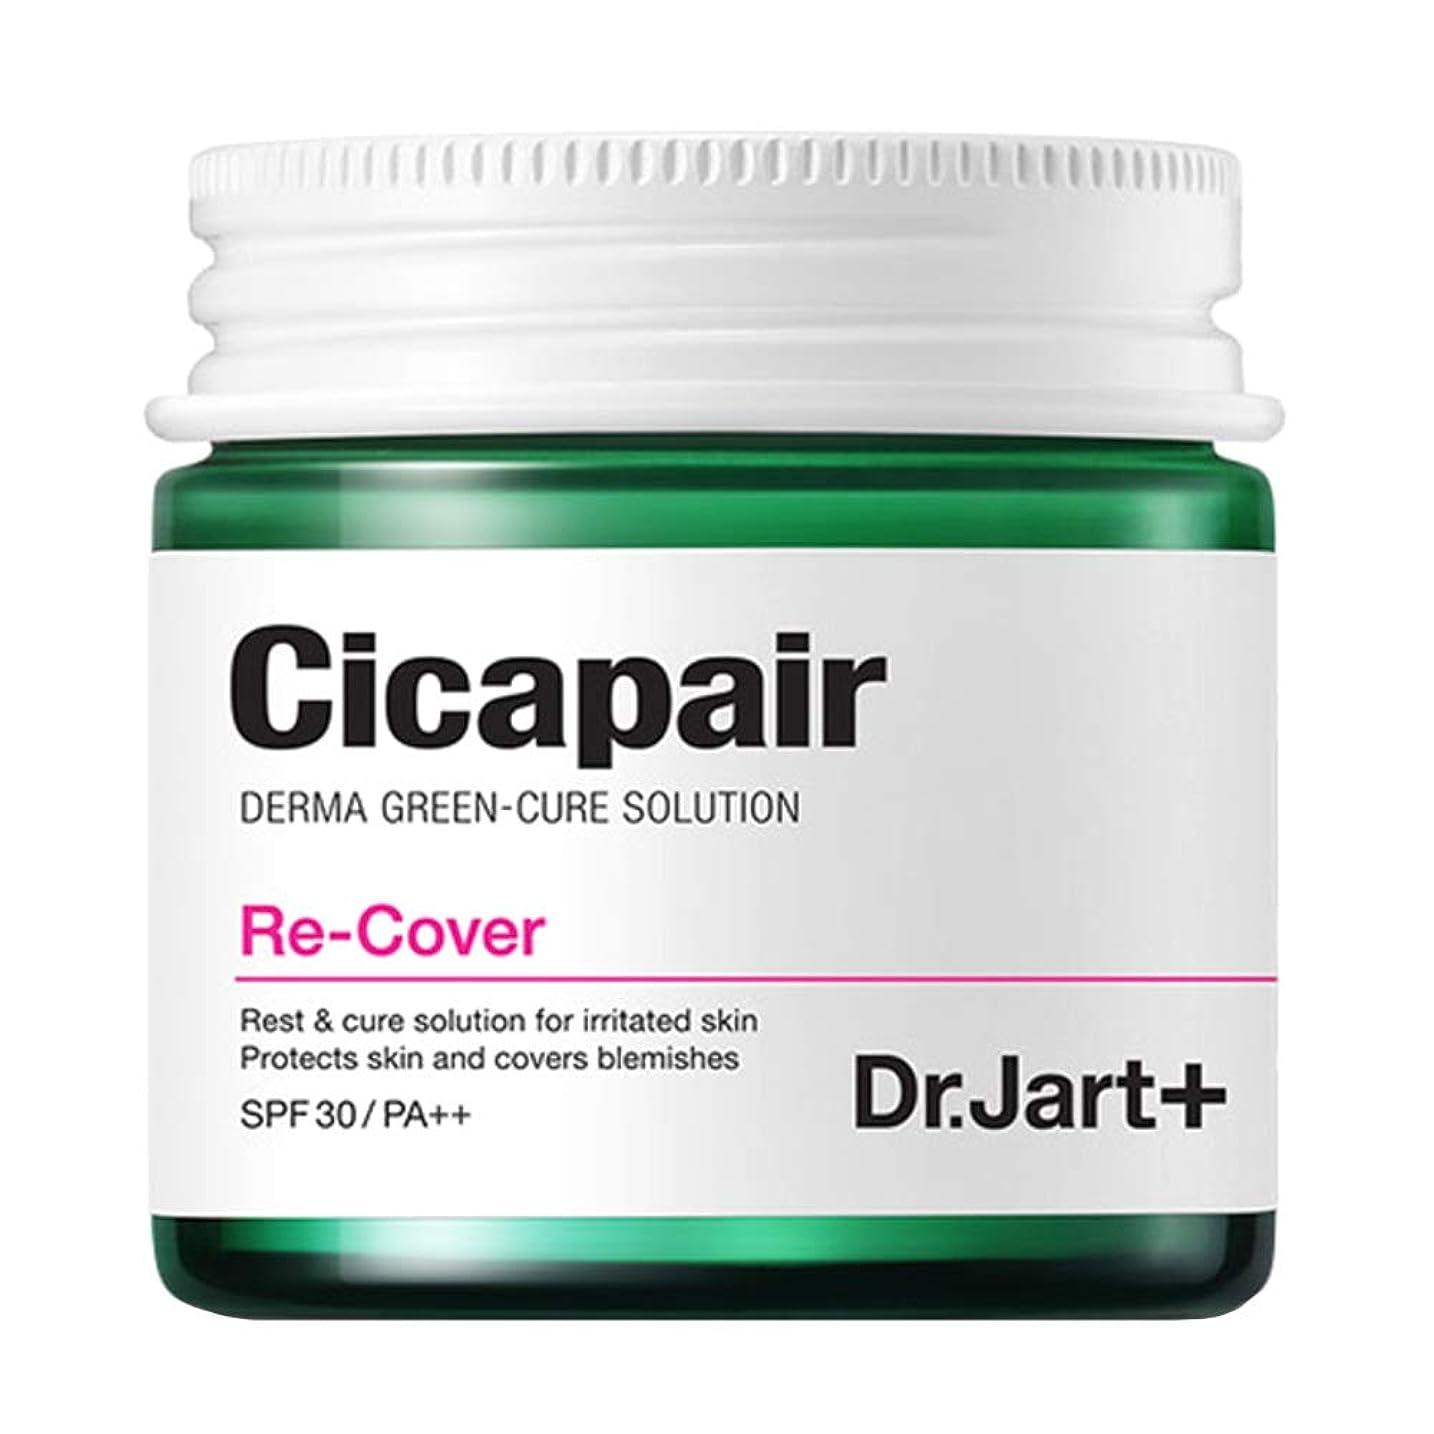 脚本マイナー全国[Dr.Jart+ Cicapair ReCover] ドクタージャルトシカペアリカバー 皮膚回復と保護紫外線カット 黄砂ケア 韓国直送 SPF30/PA++